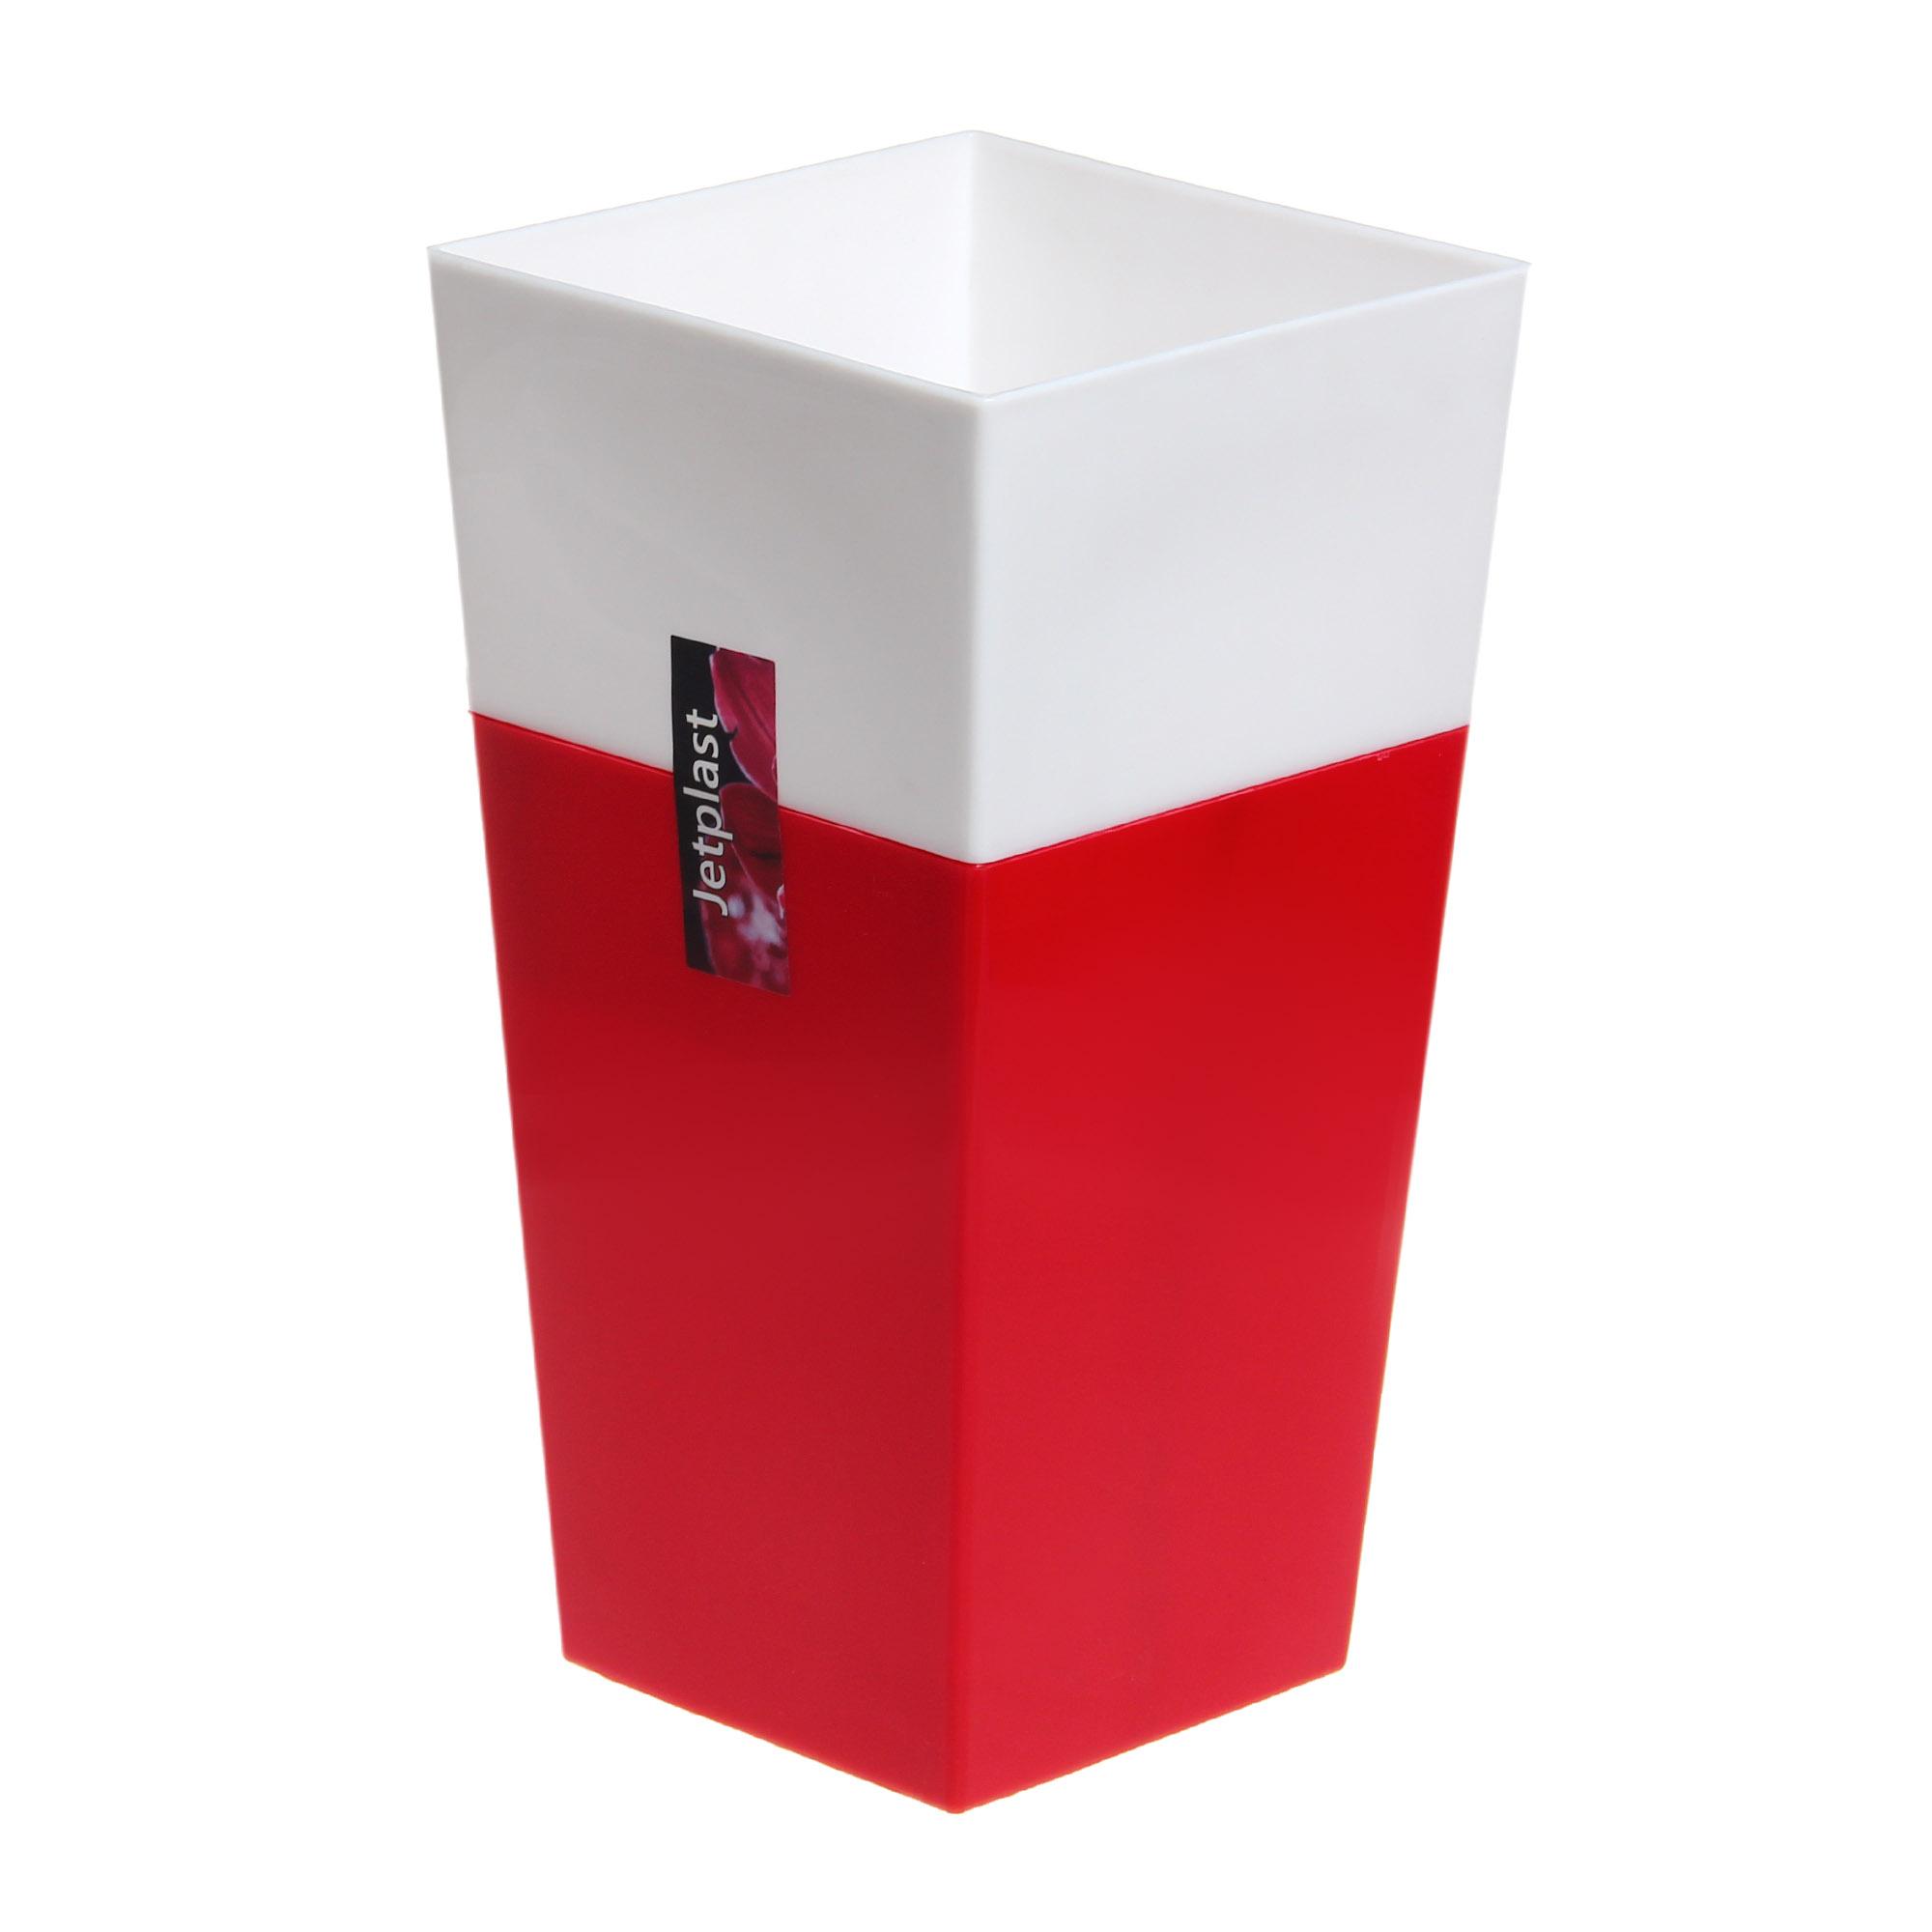 Кашпо Интерлинк дуэт260 26 см красно-белый кашпо интерлинк волна 12 см бирюзовый